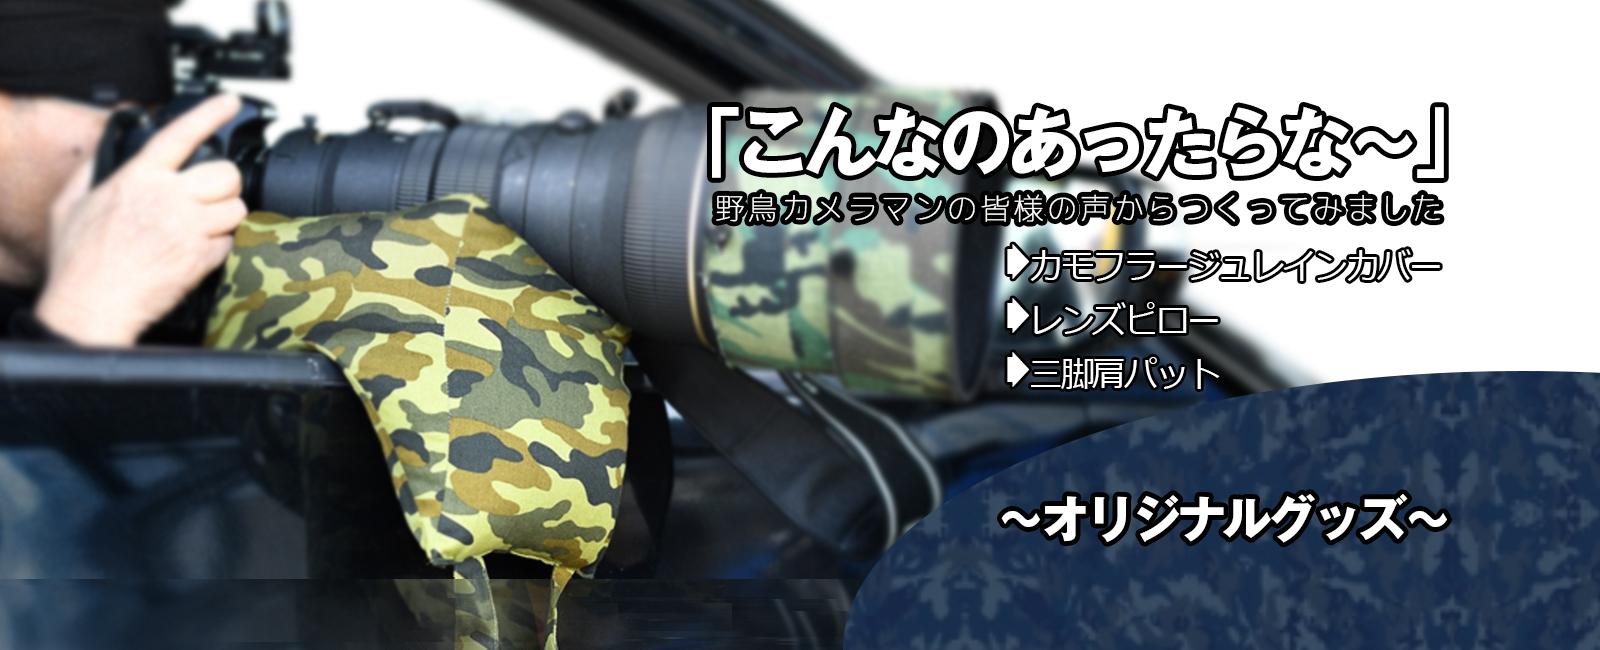 ヤマセミ・クマタカ・アカショウビン撮影ガイド|とっておきの秘密の撮影ポイントへご案内させて頂きます|オオタケカメラ